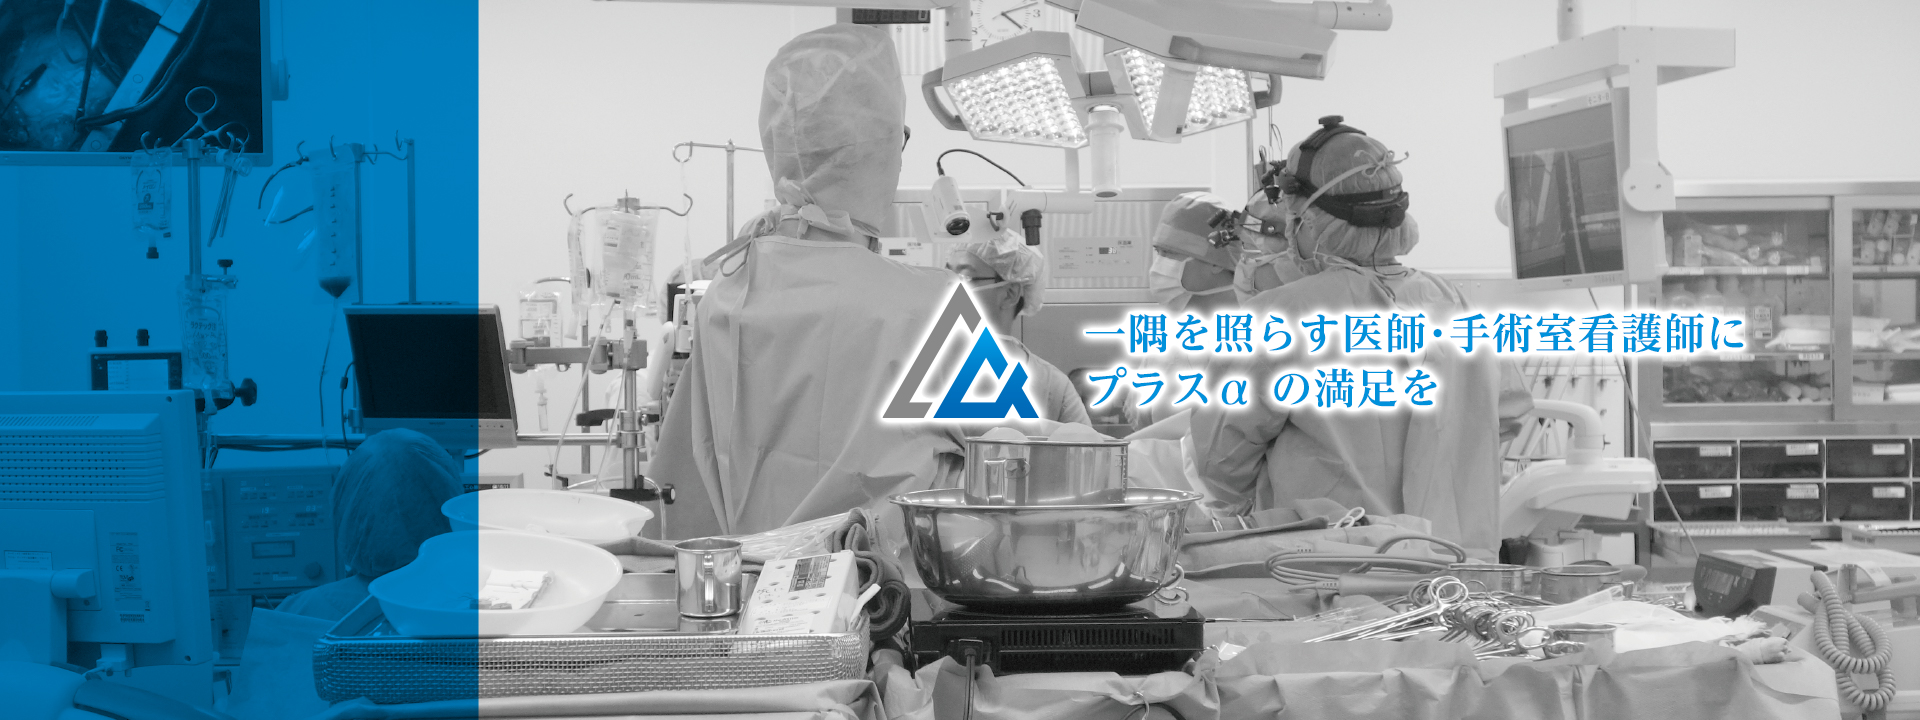 現役の麻酔科医が運営する麻酔科医専門の人材紹介会社